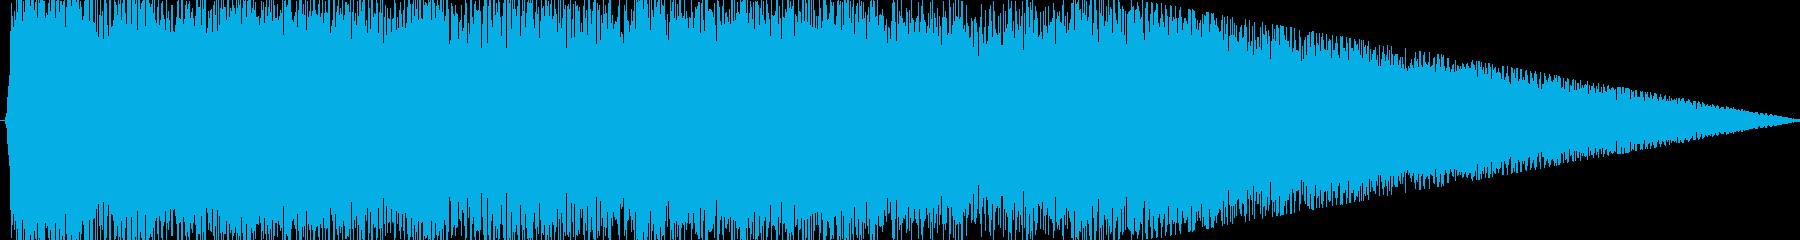 力強く明るいロックサウンドのジングルの再生済みの波形